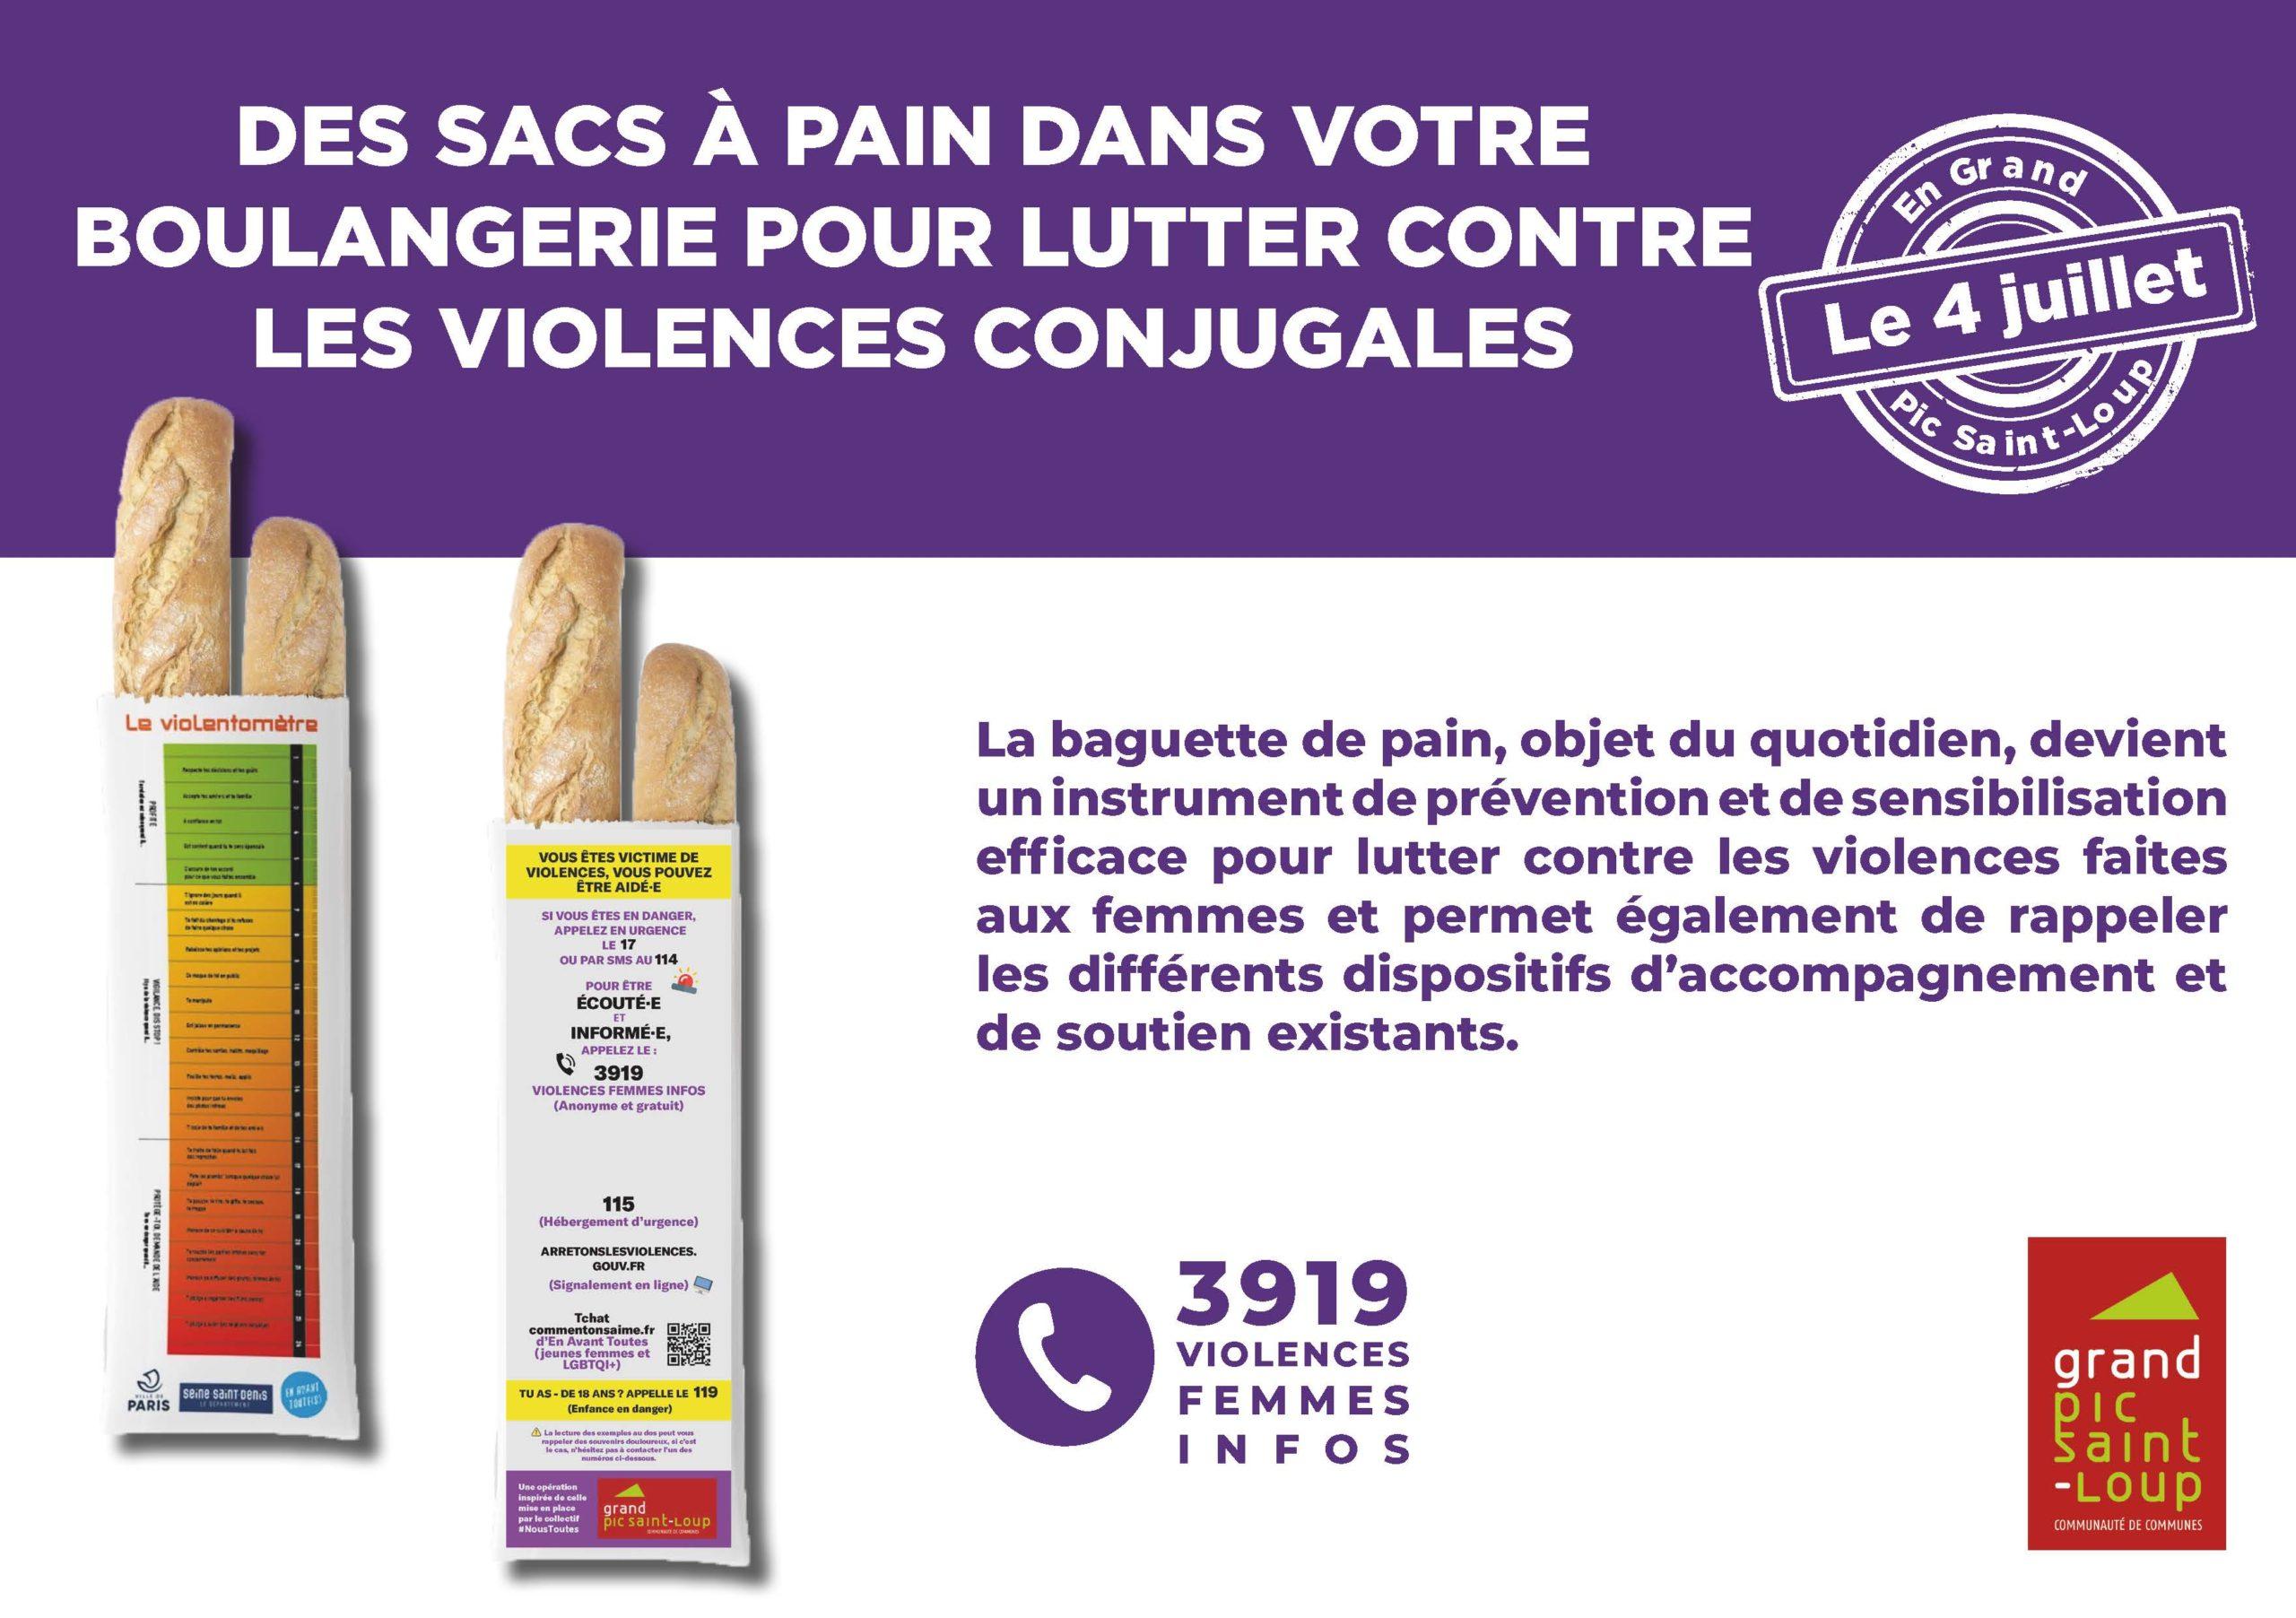 Des sacs à pain pour lutter contre les violences conjugales